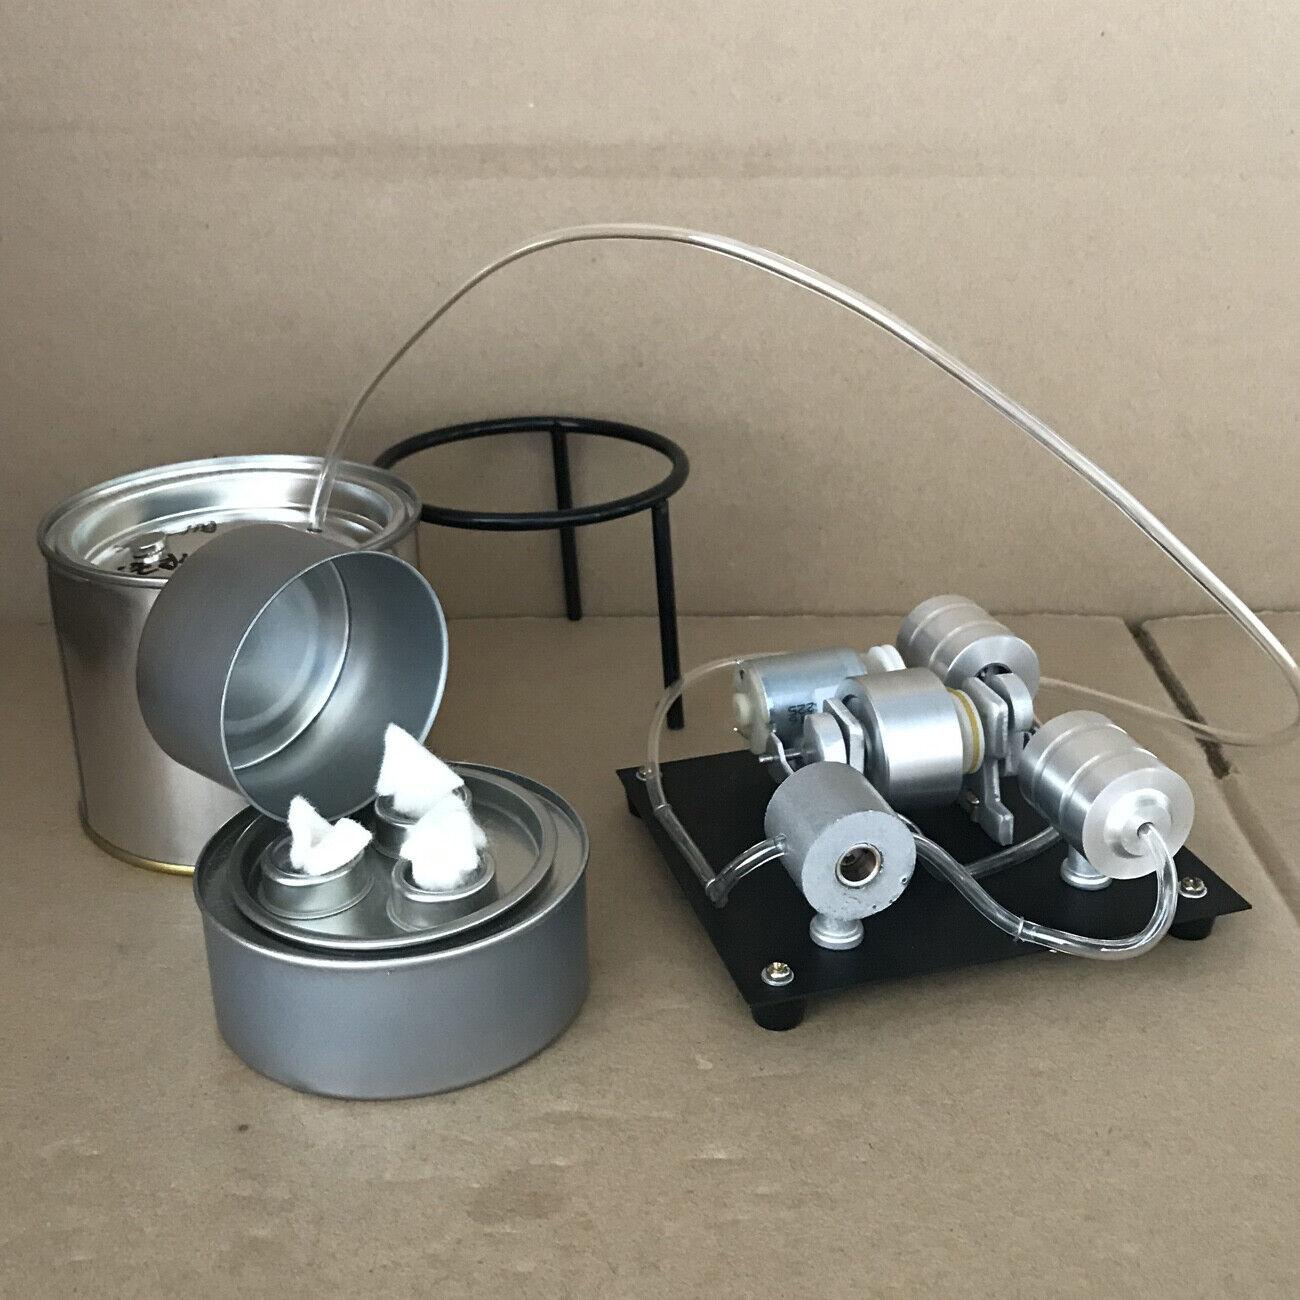 negozio a basso costo Mini Ssquadra Engine Motor giocattolo w    Boiler Ssquadra Heating Electricittà Generator Motor  spedizione gratuita